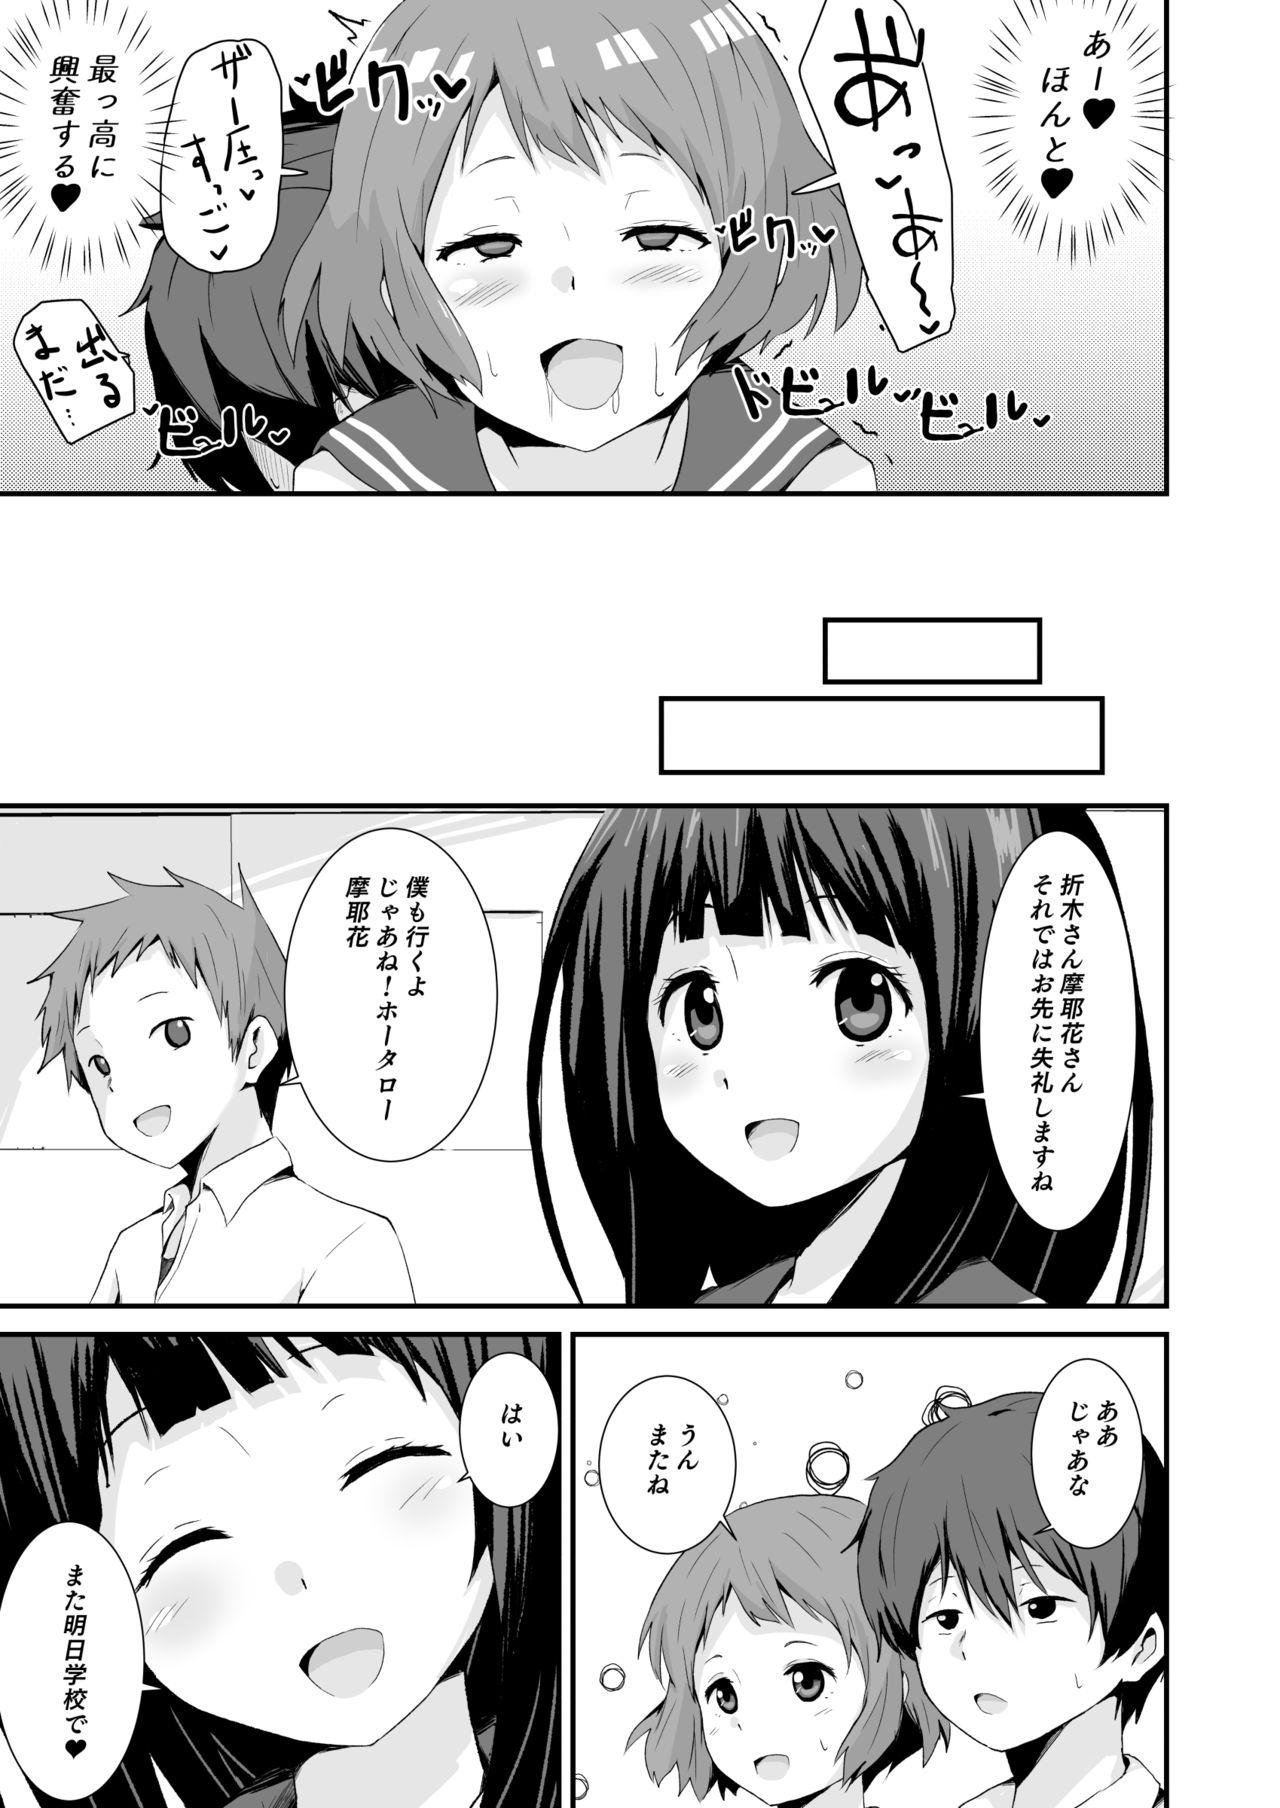 Shikiyoku o Okasu 11